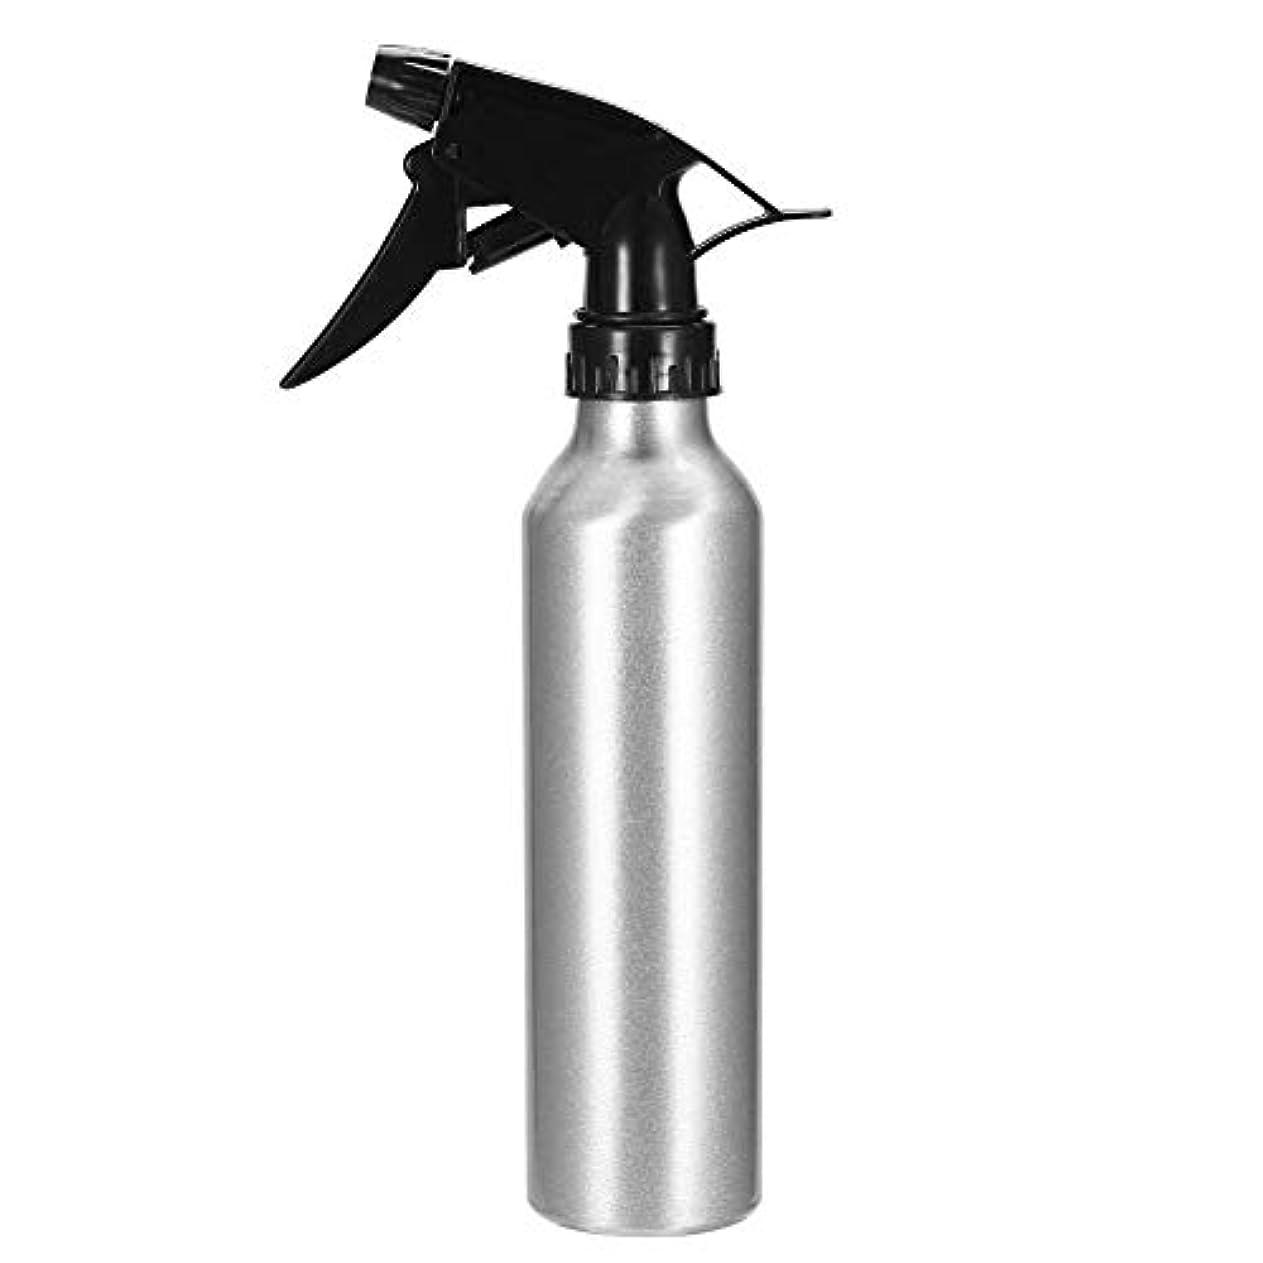 忍耐すぐに胸Pichidr-JP アルミスプレーボトルシルバートリガーエンプティタトゥーエッセンシャルオイルスプレー用サロン理容美容院植物クリーニング